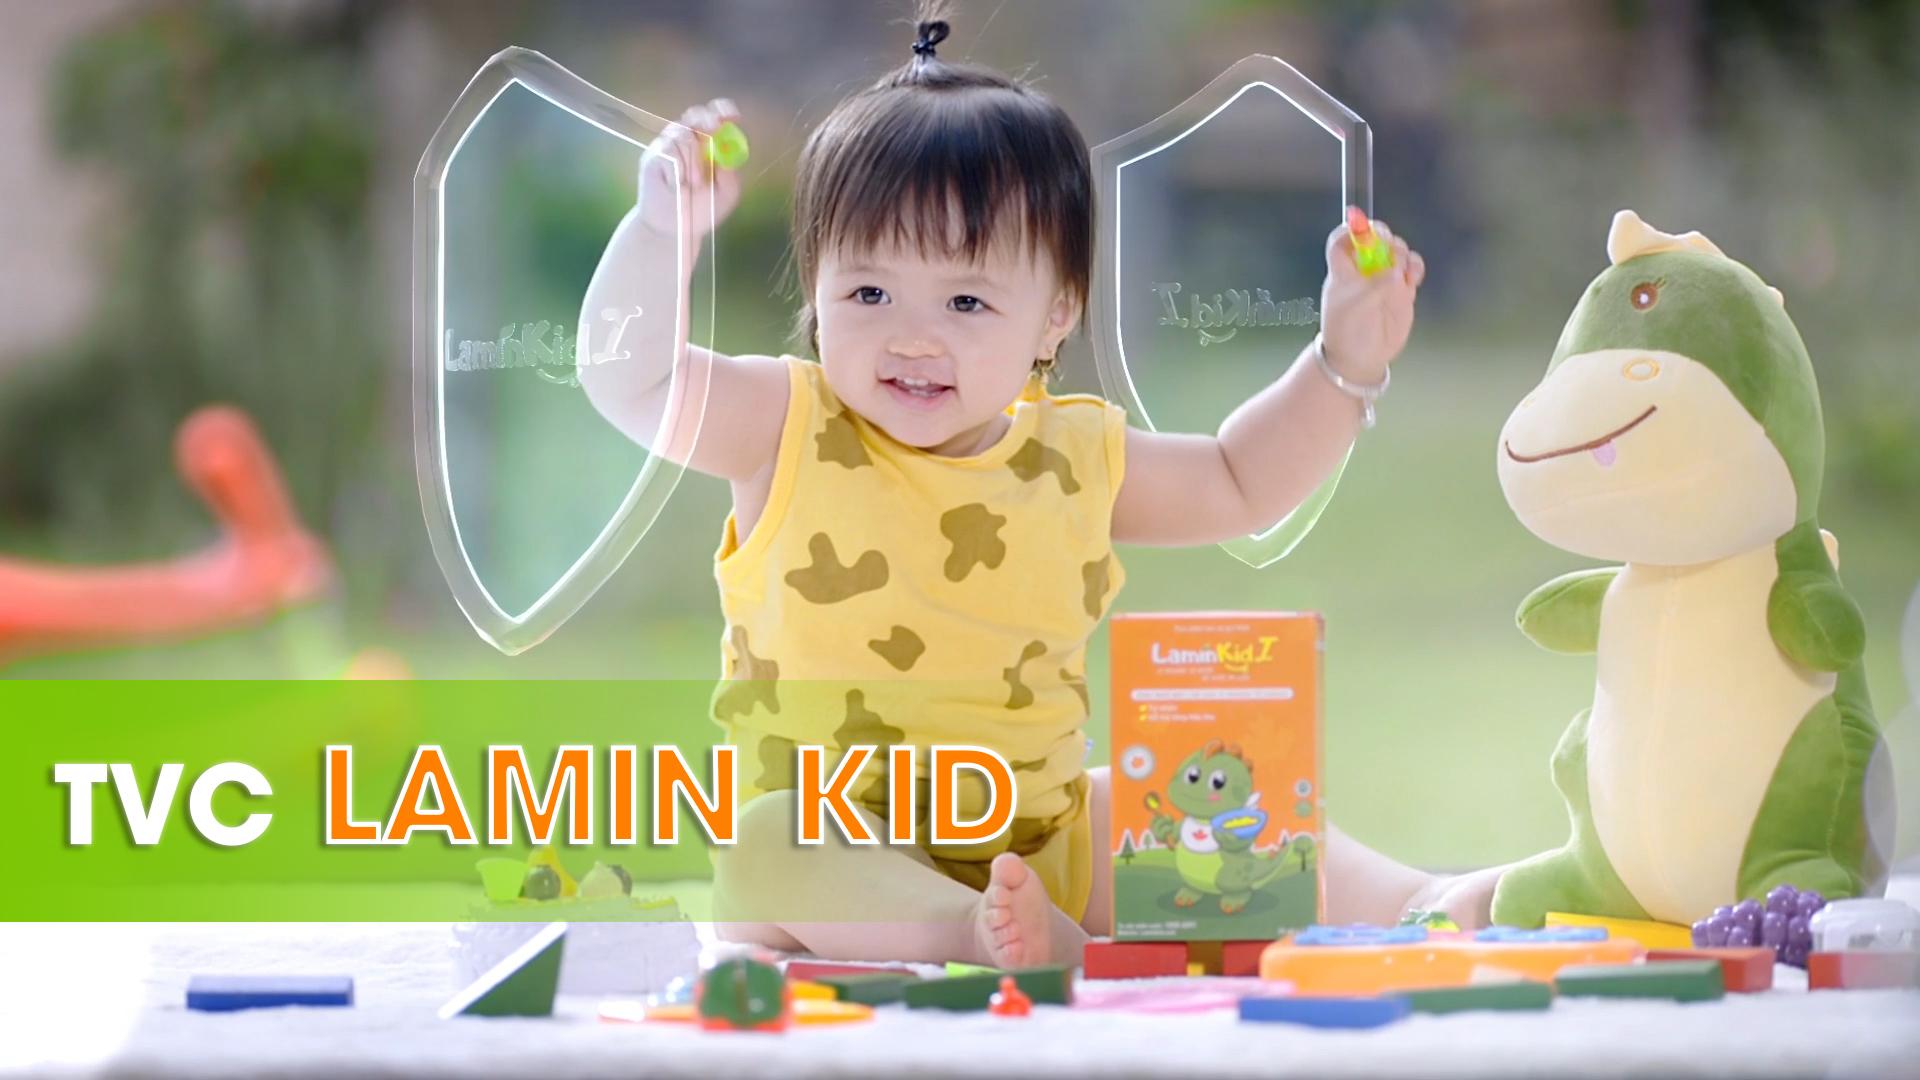 TVC LaminKid – Vi khoáng thiên nhiên, bé khỏe ăn liền!